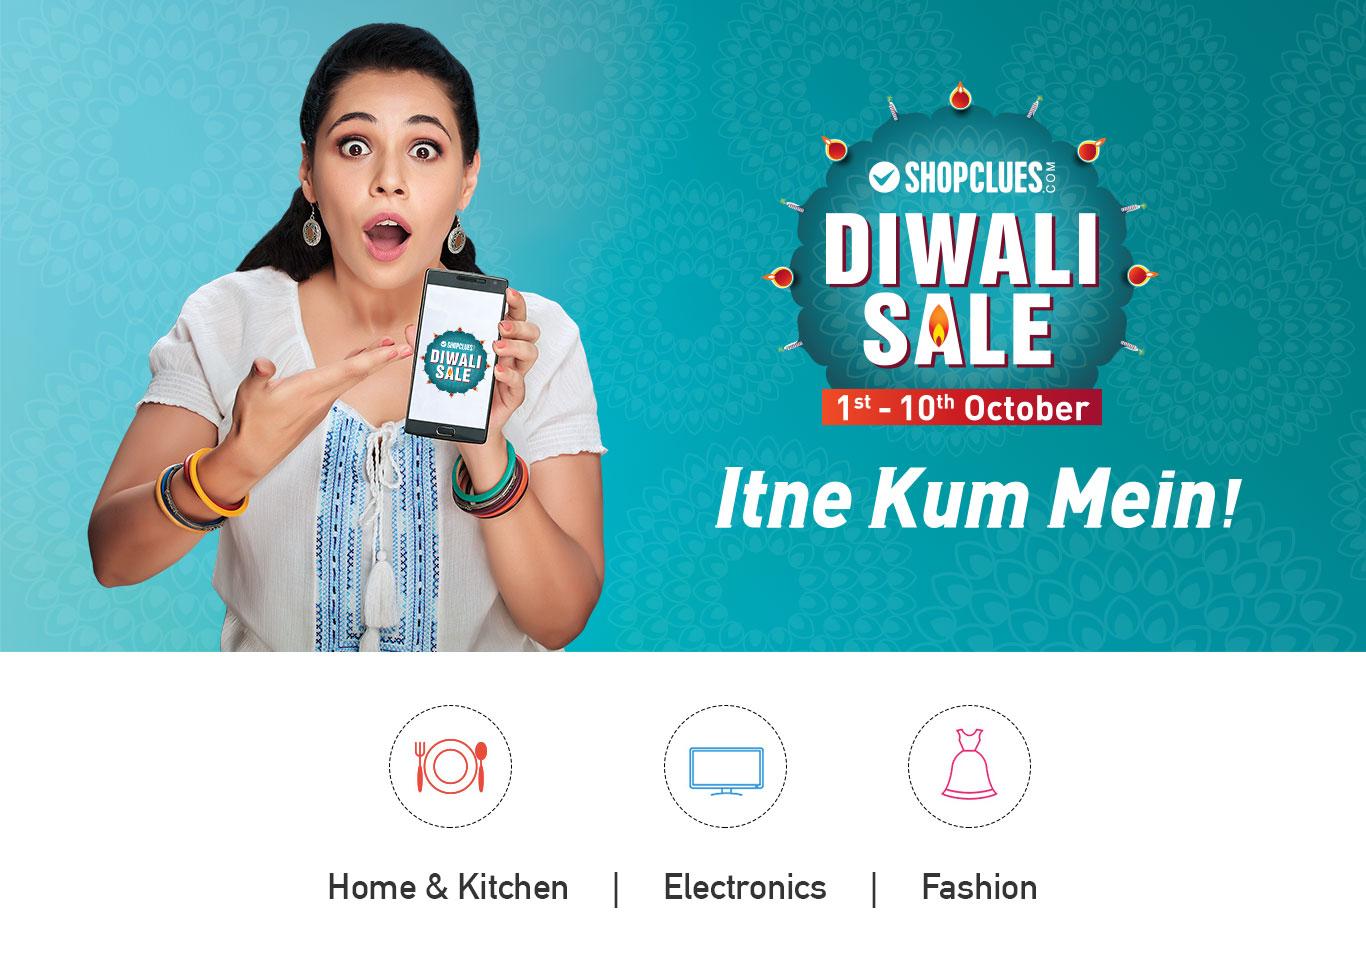 Shopclues Diwali Sale